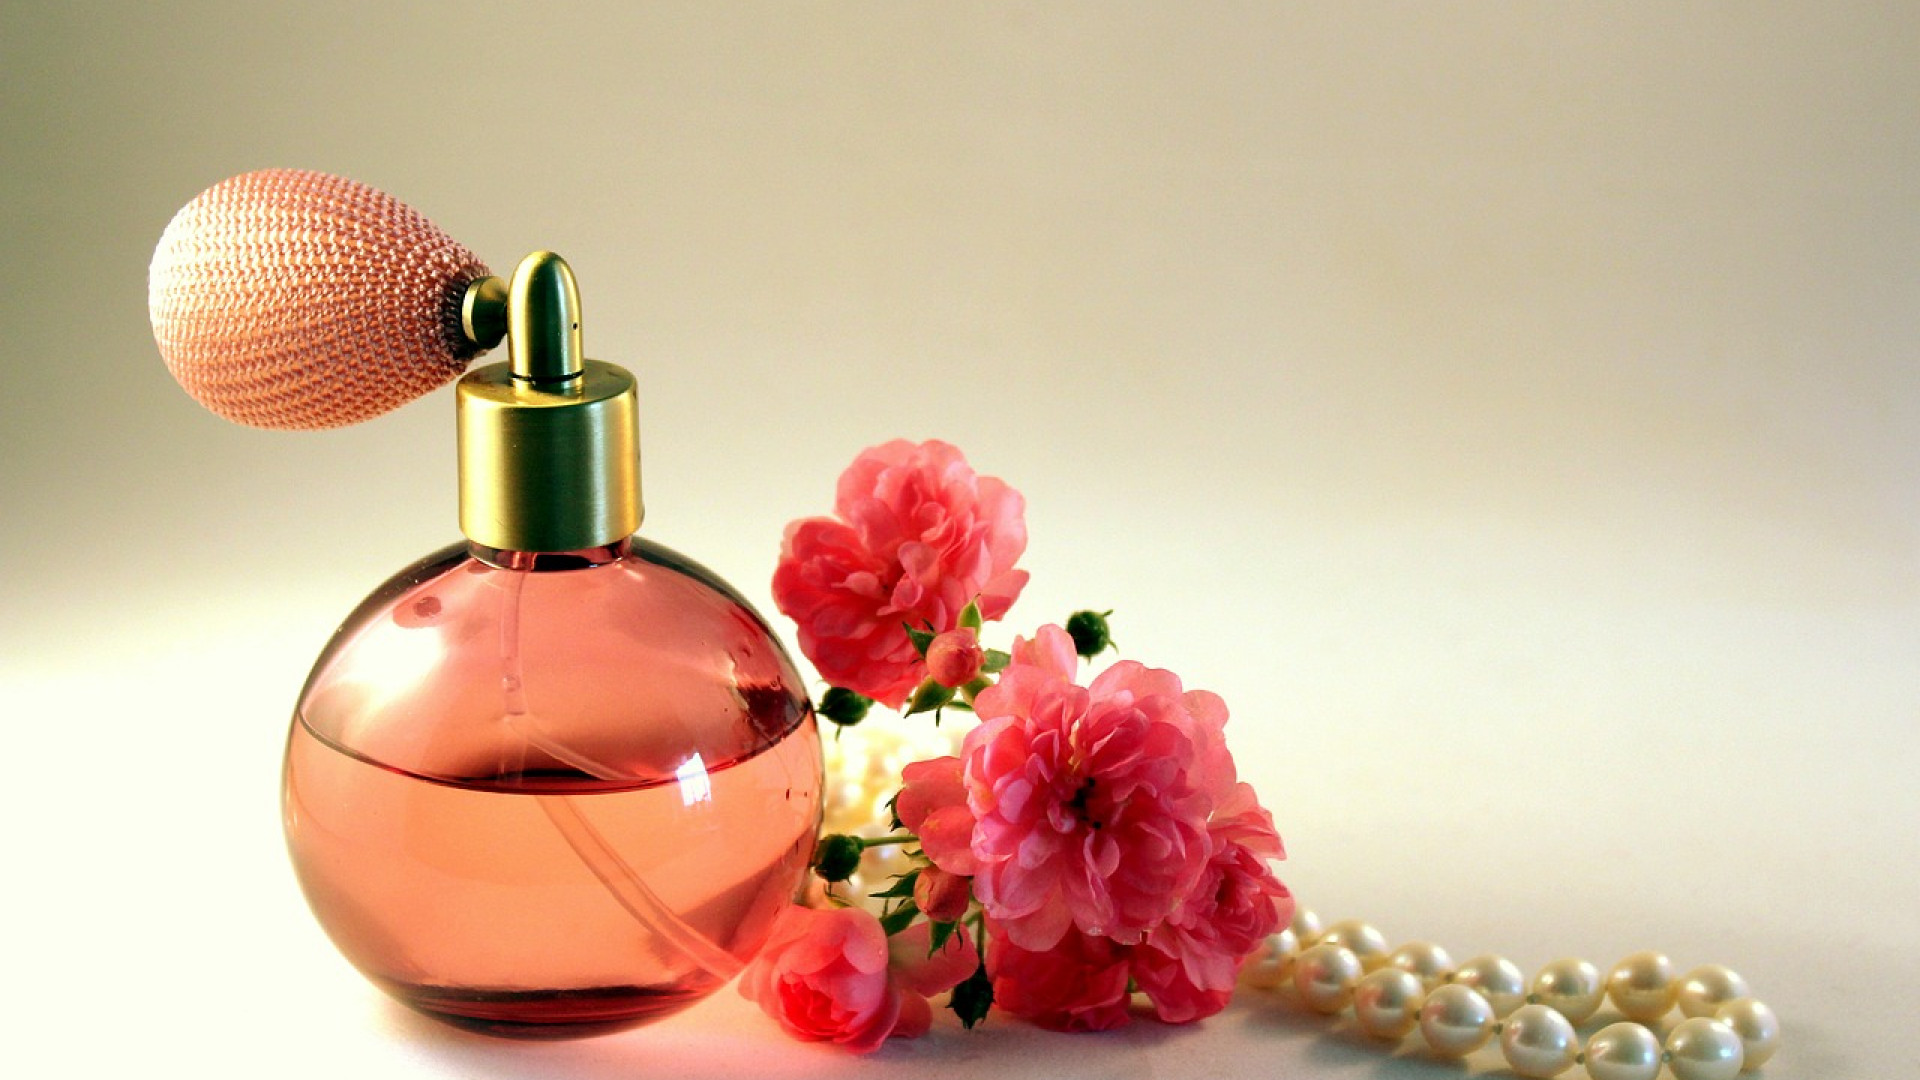 Quel Choisir Parfum Homme Un Pour Séduire byvIYf76g